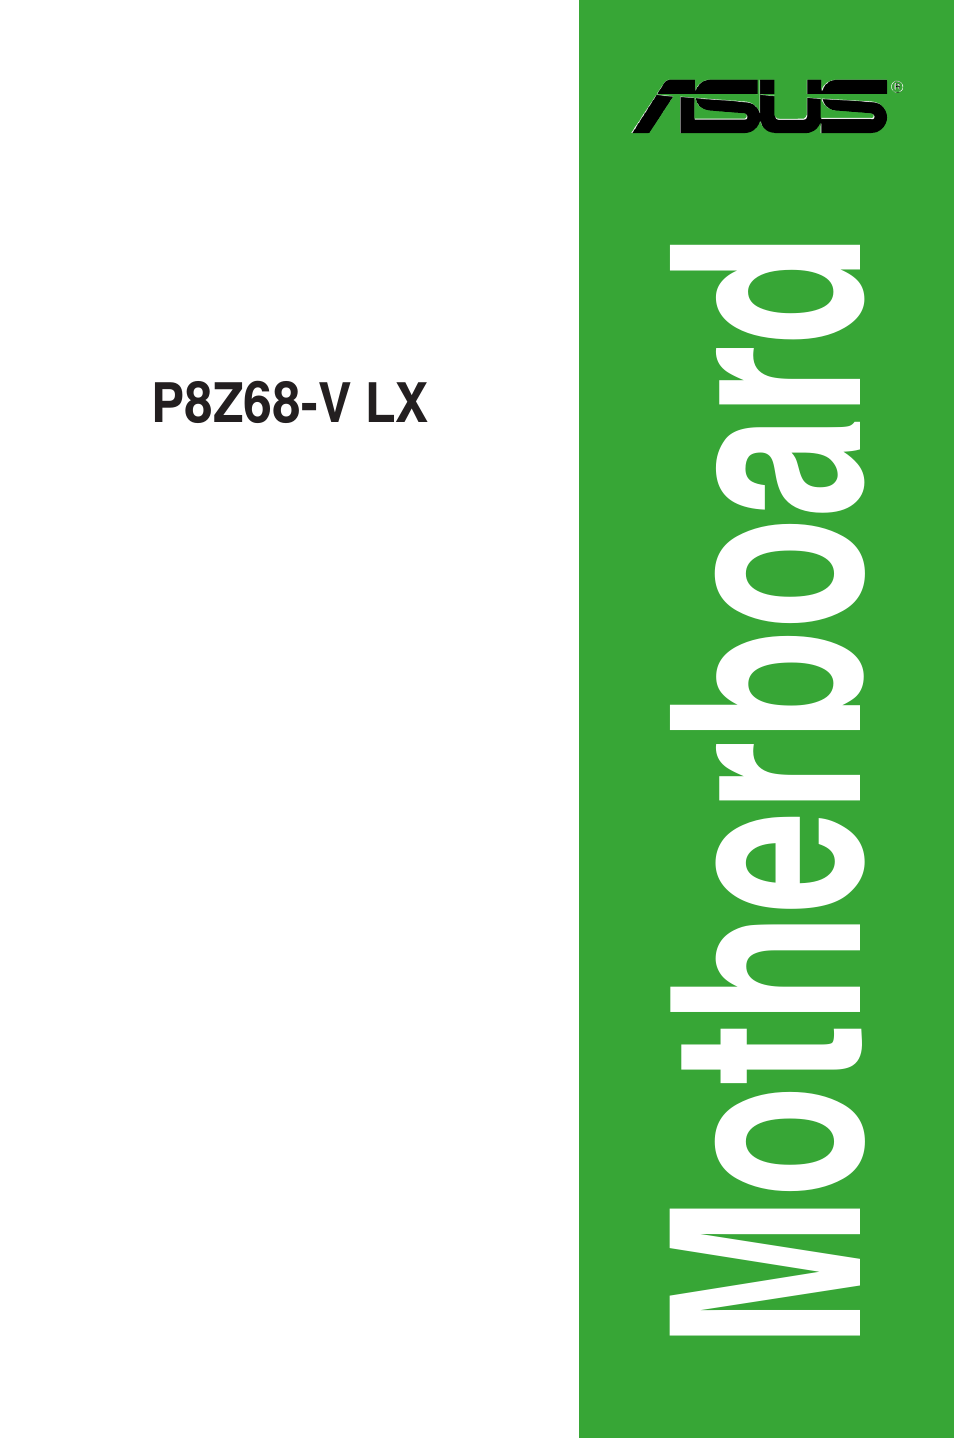 asus p8z68 v block diagram asus p8z68 v lx user manual 82 pages  asus p8z68 v lx user manual 82 pages